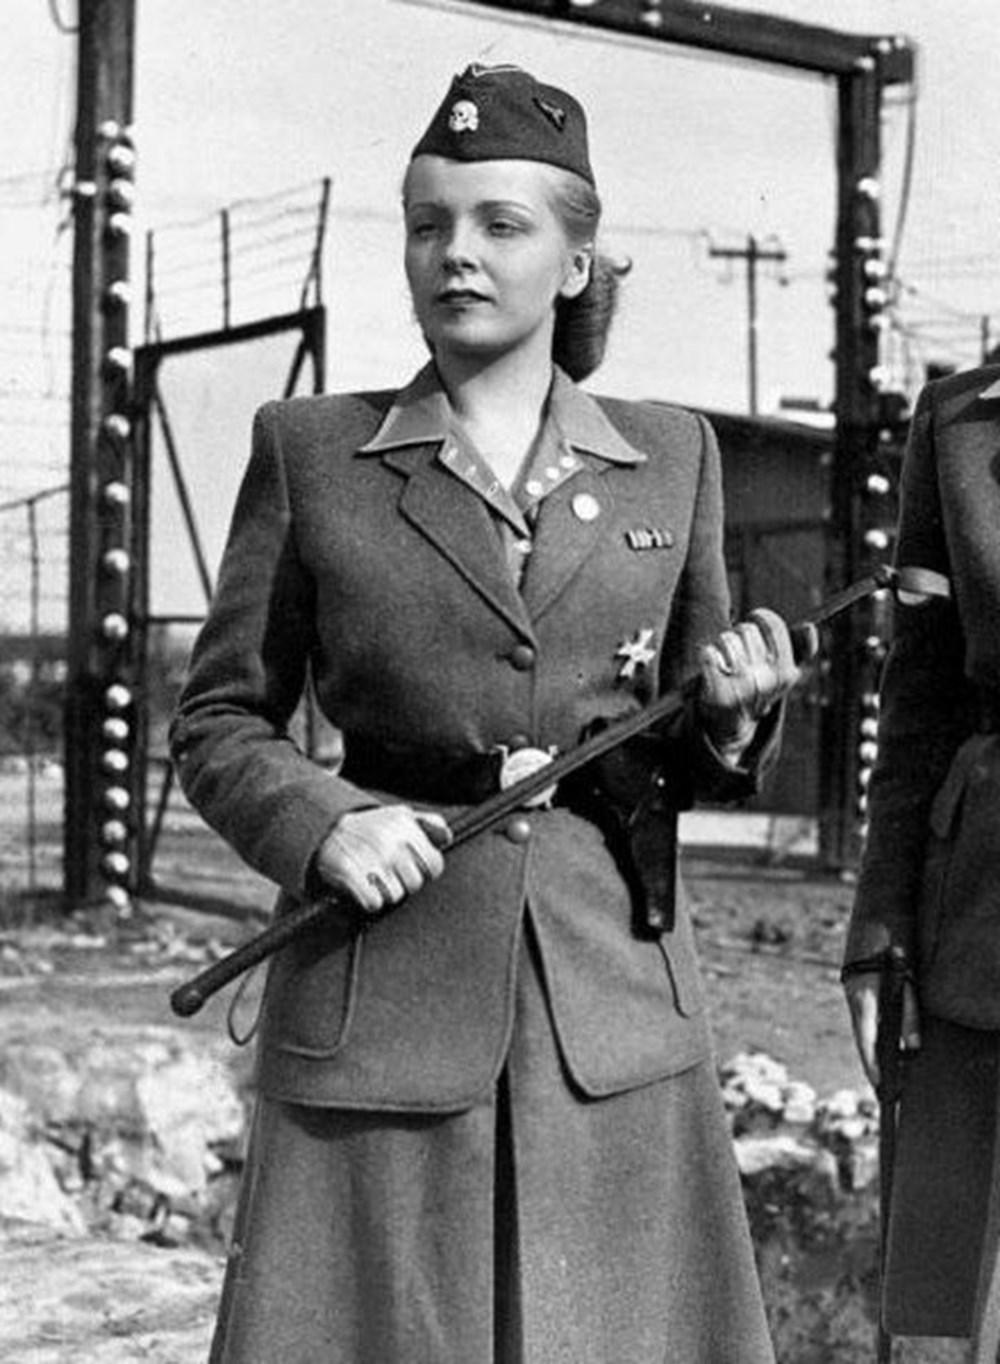 Ravensbrück Toplama Kampı: Sıradan kadınlar nasıl sadist Nazi askerlerine dönüştü? - 8